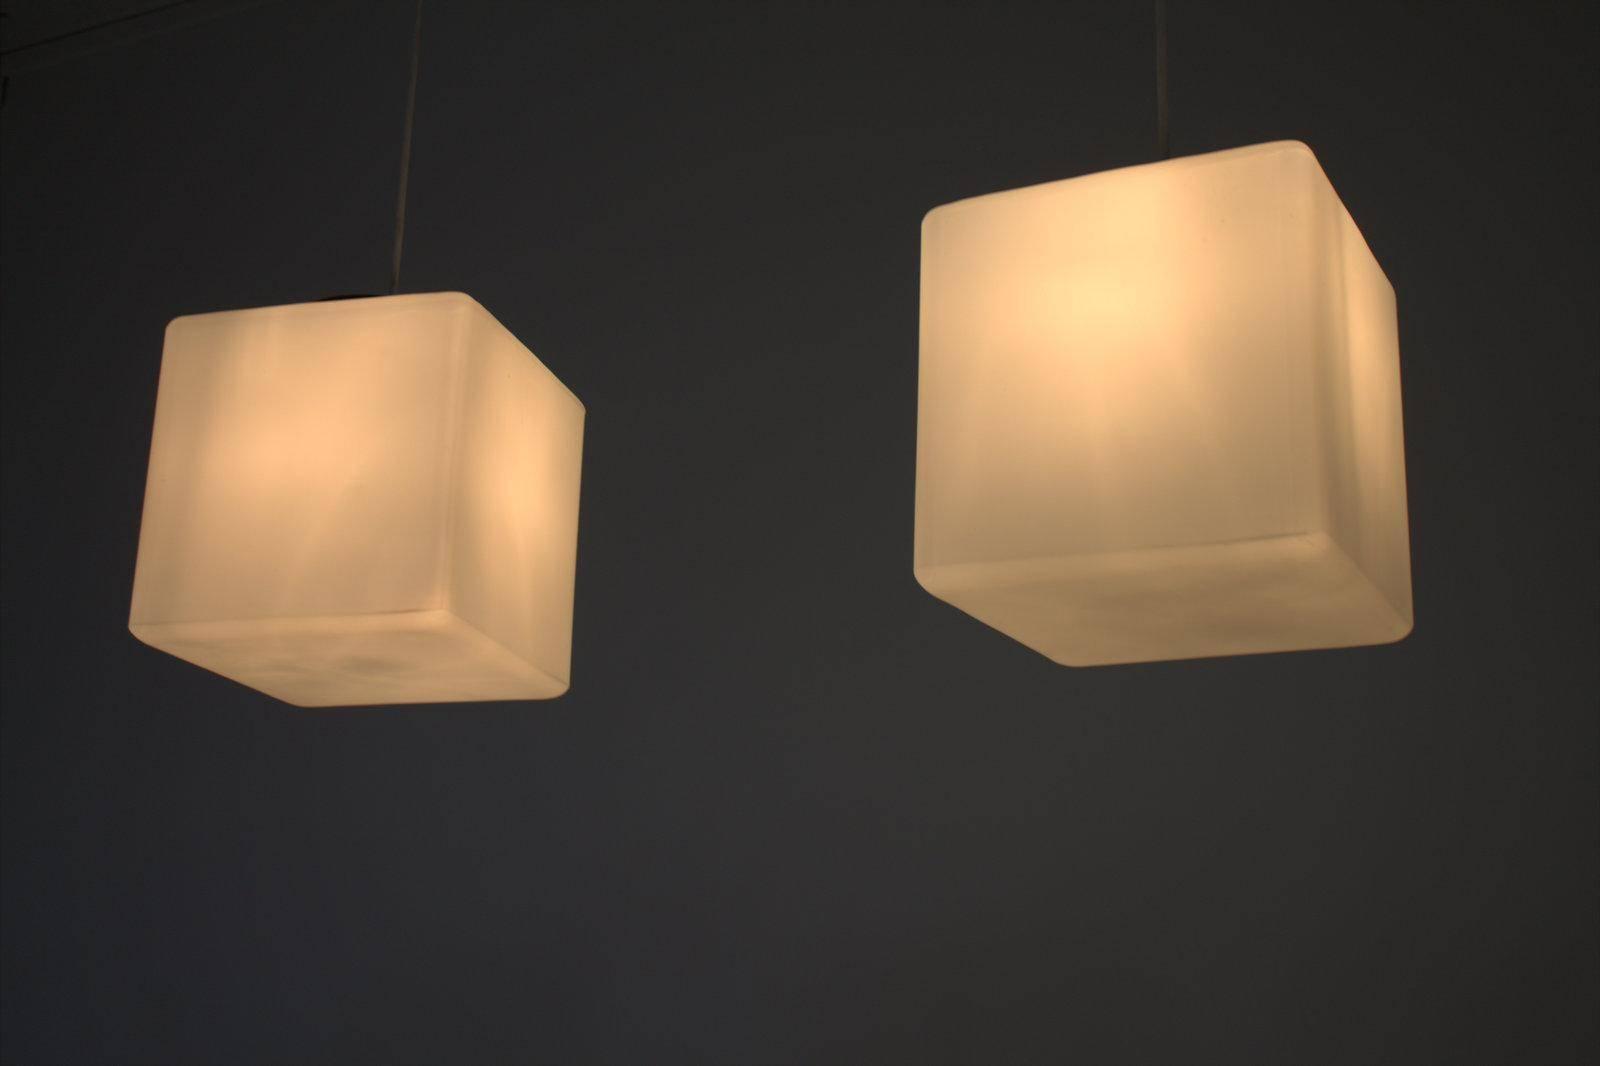 Italian Milk Glass Cube Pendant Lamp From Stilnovo, 1960S For Sale within Milk Glass Pendants (Image 6 of 15)